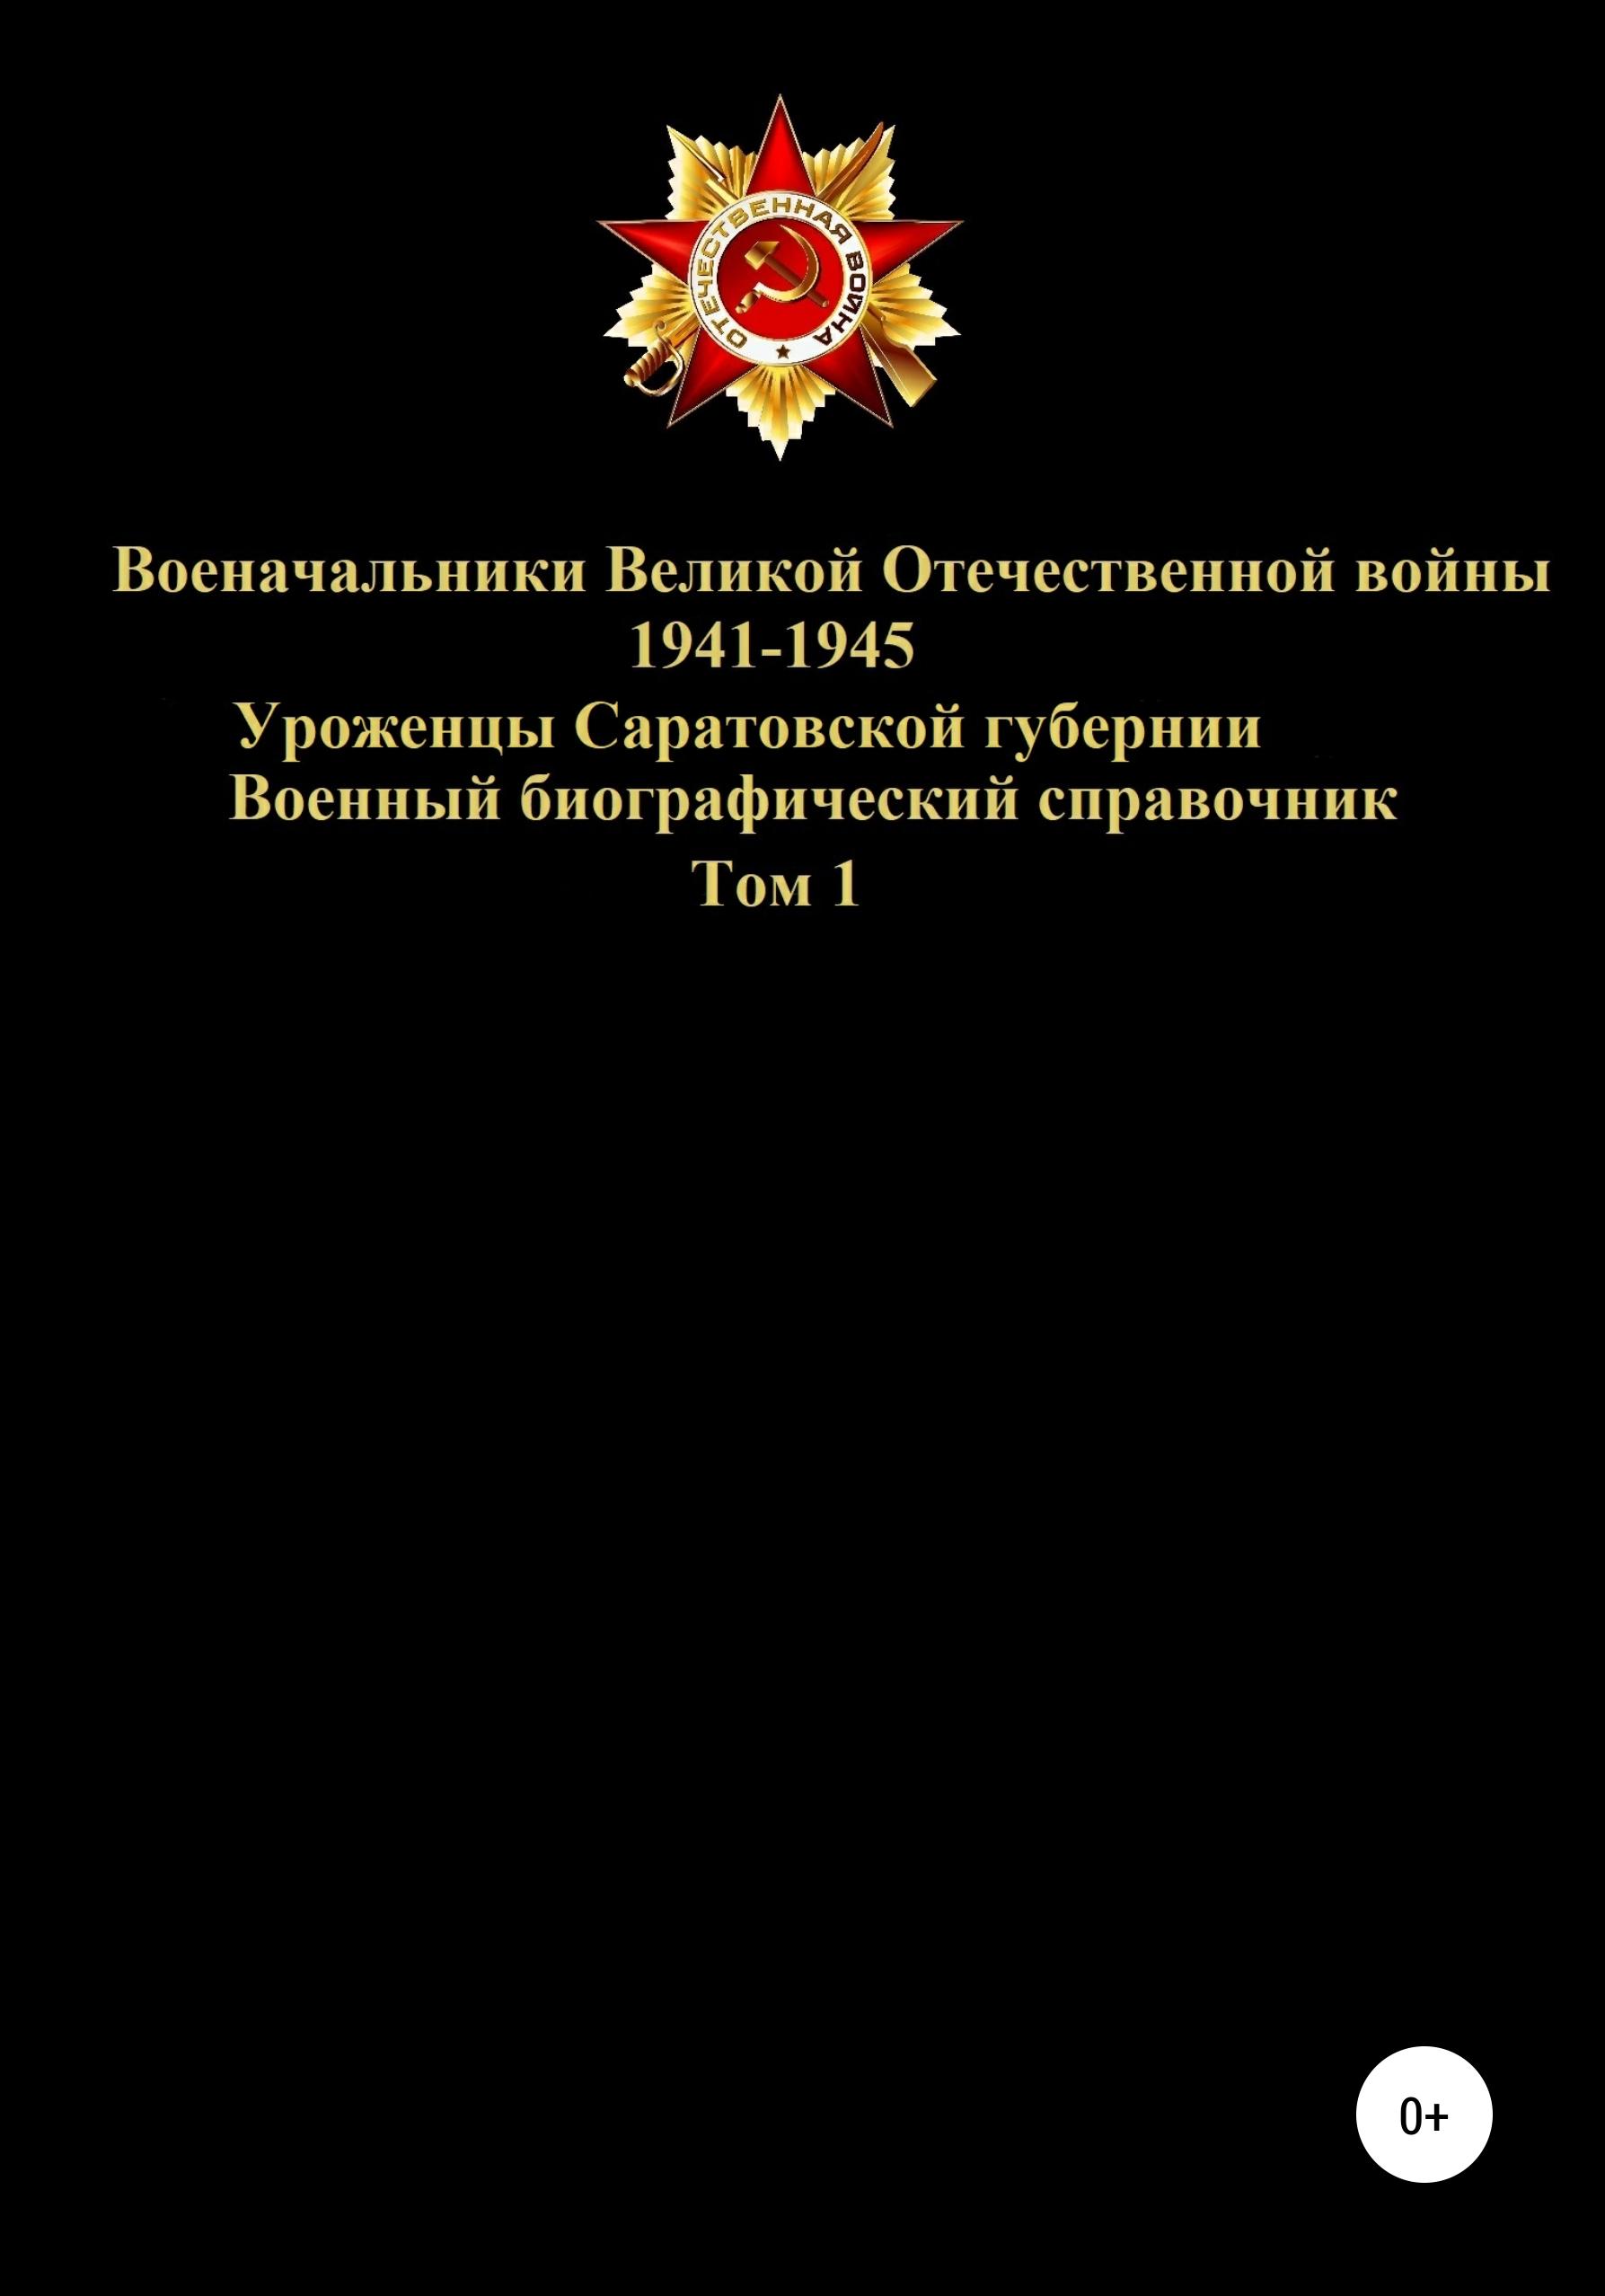 Военачальники Великой Отечественной войны 1941-1945. Уроженцы Саратовской губернии. Том 1